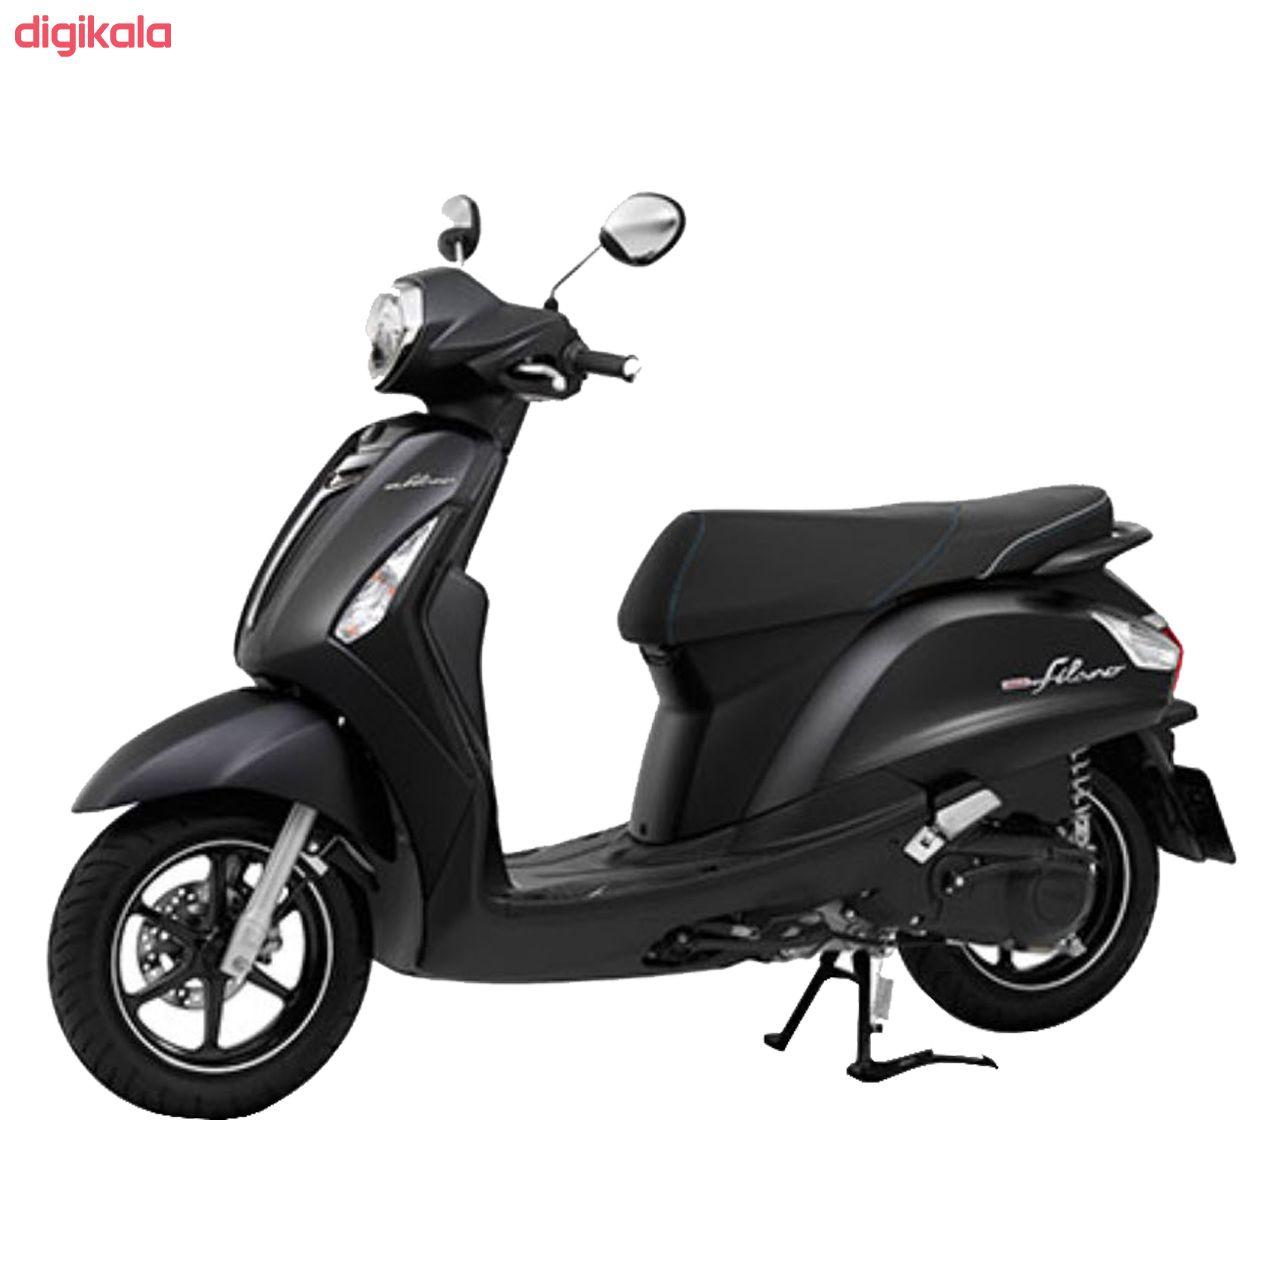 موتورسیکلت یاماها مدل GRAND FILANO استانداردحجم 125 سی سی سال 1399 main 1 5